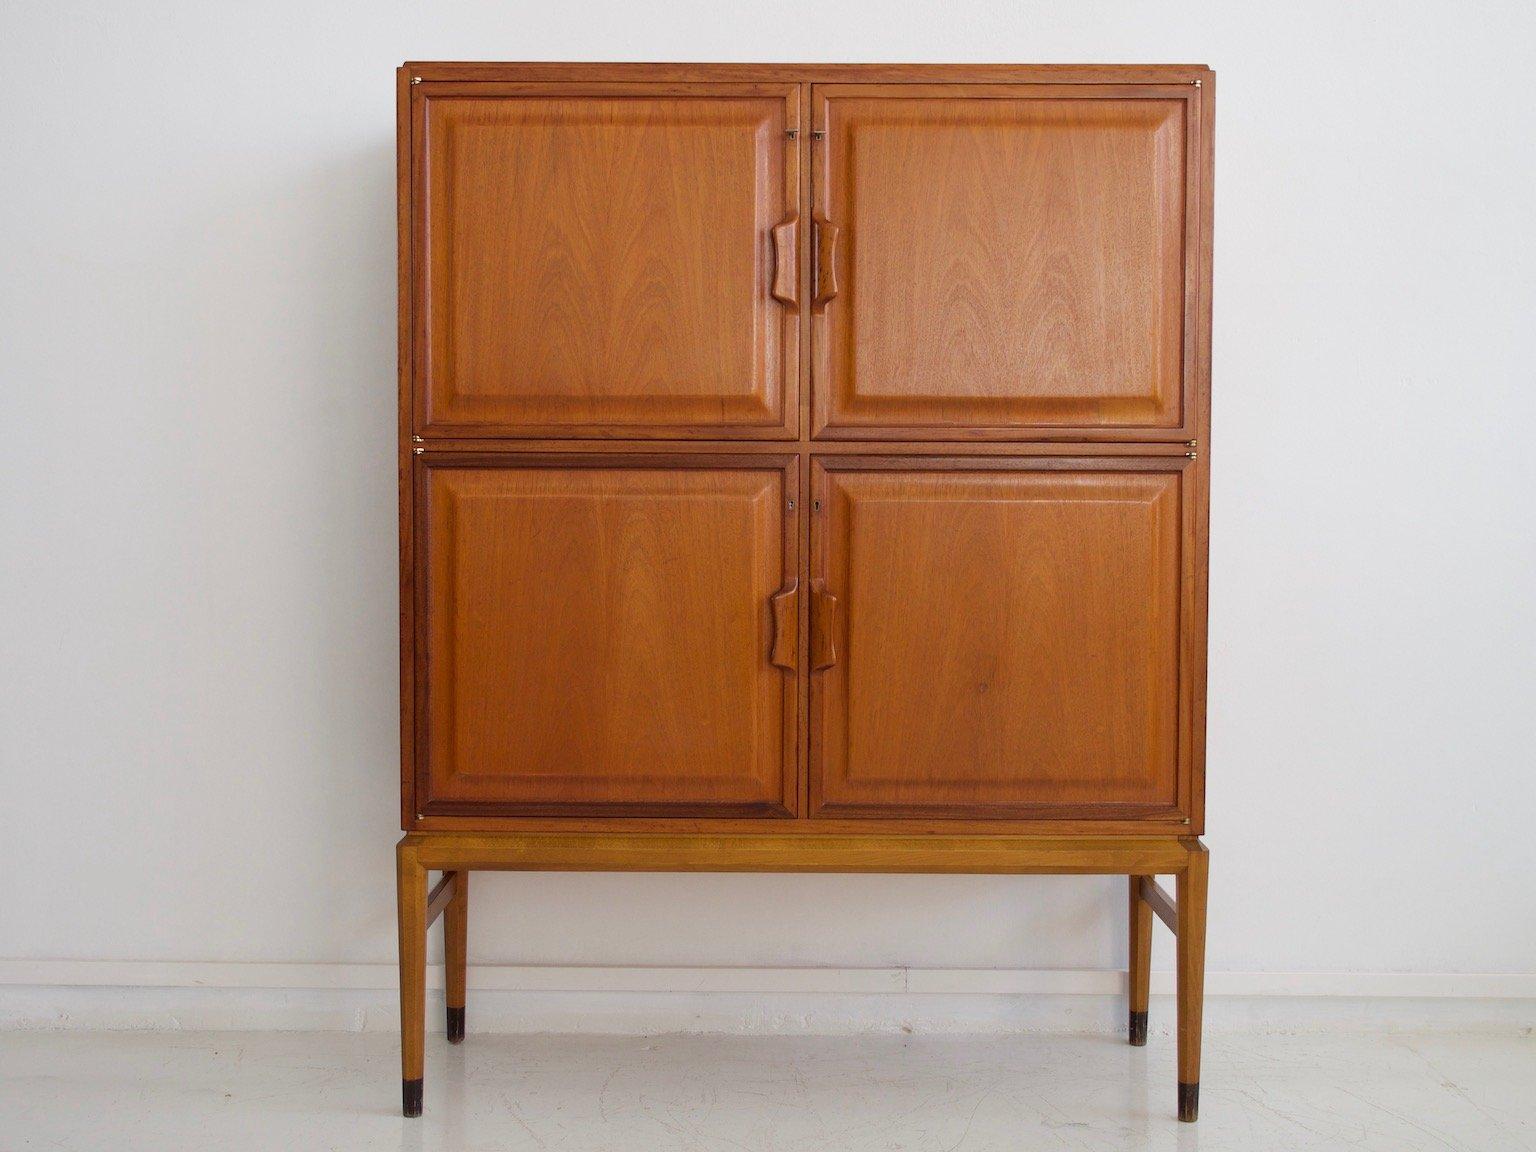 meuble scandinave en acajou par axel larsson pour bodafors 1960s en vente sur pamono. Black Bedroom Furniture Sets. Home Design Ideas